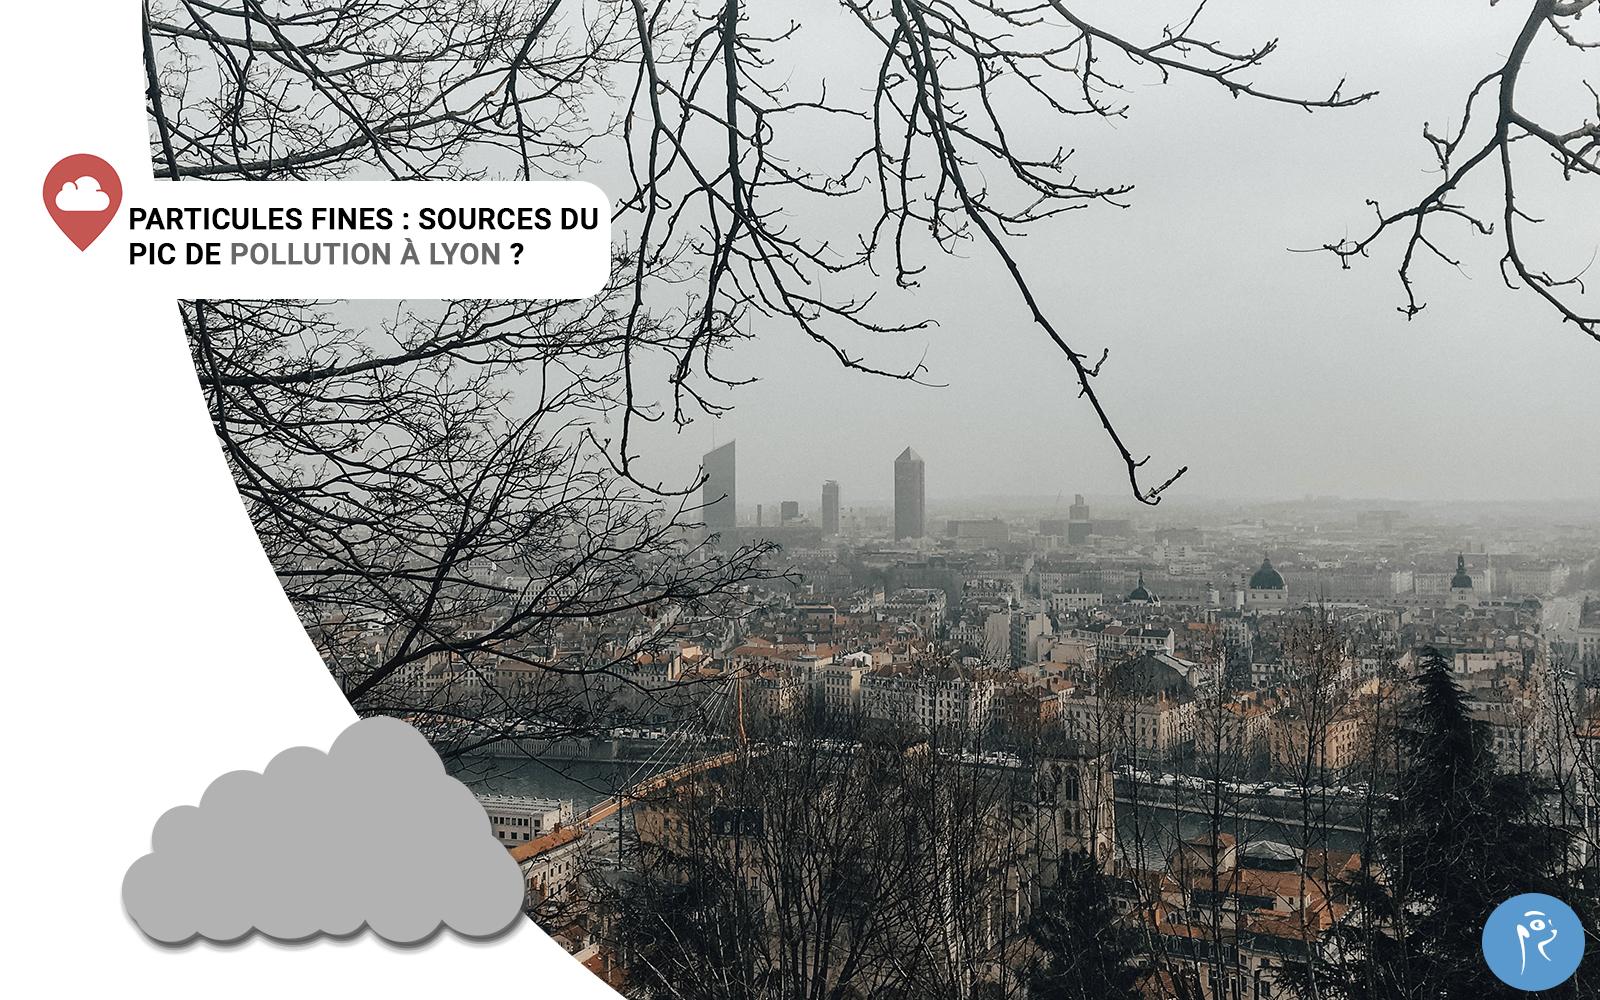 Particules fines: sources du pic de pollution à Lyon?